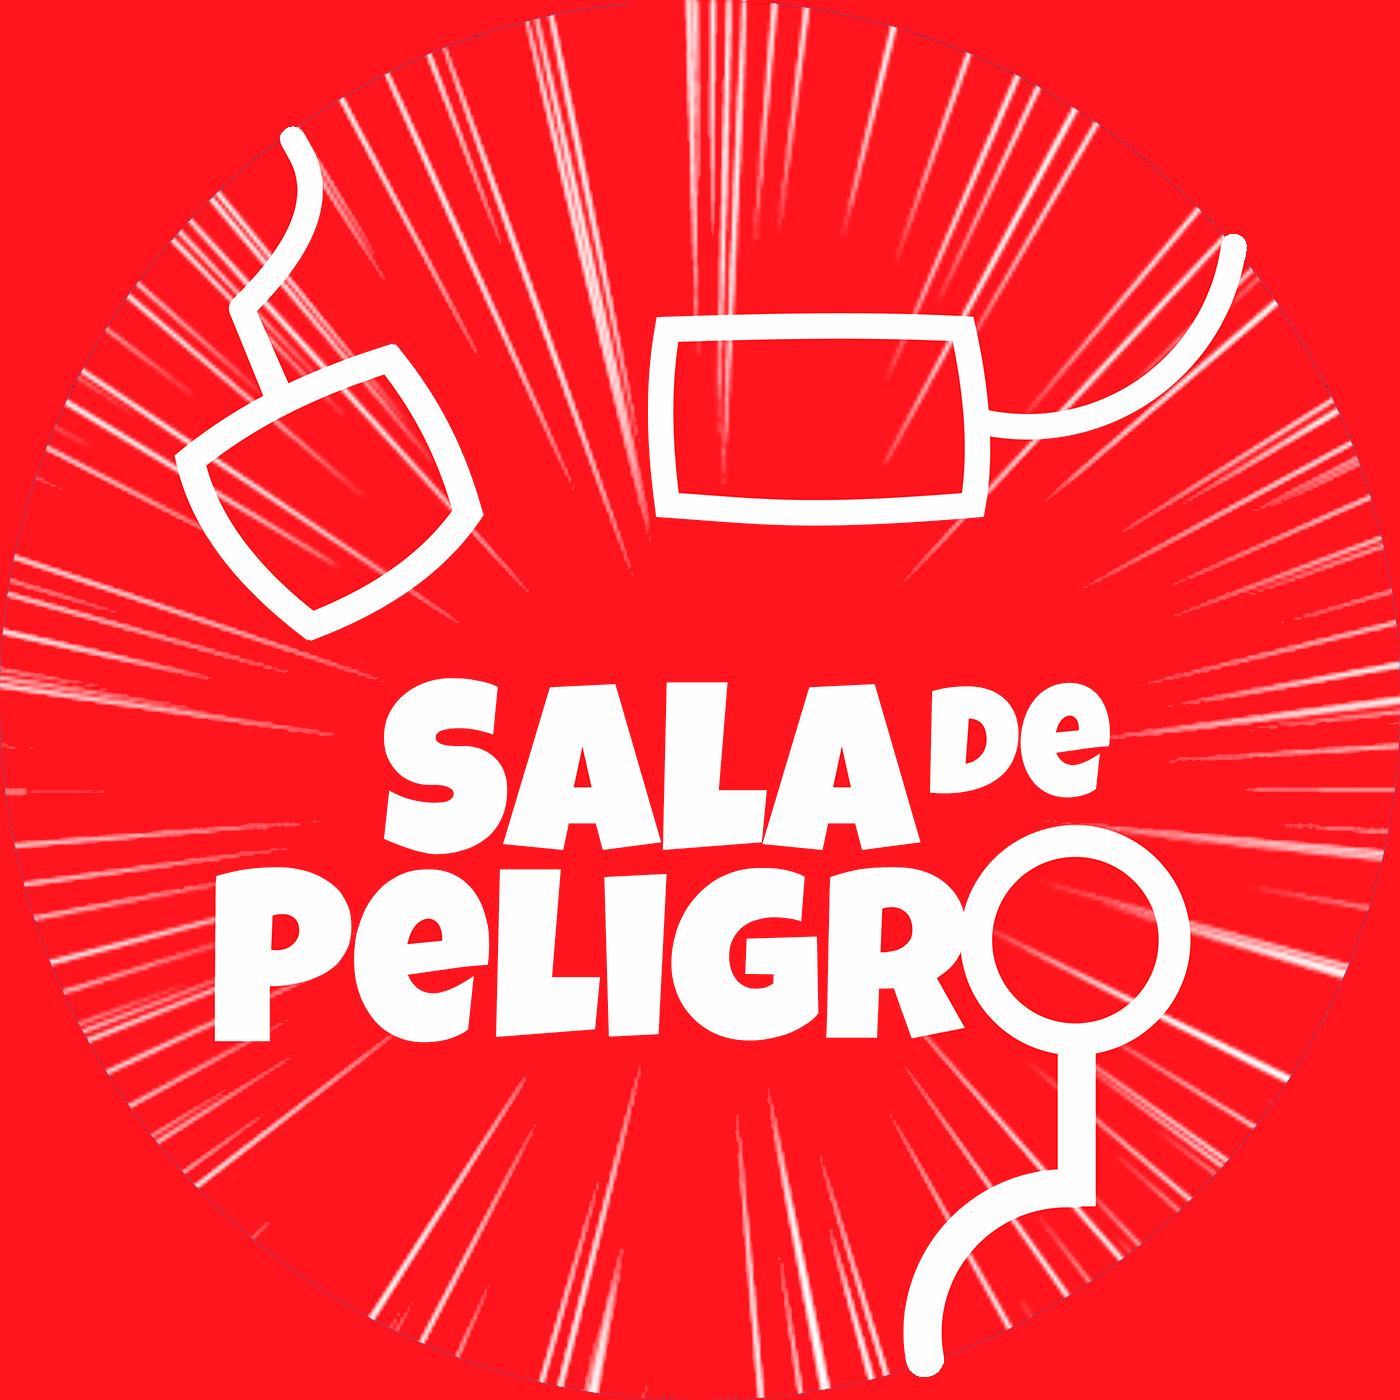 SalaDePeligro